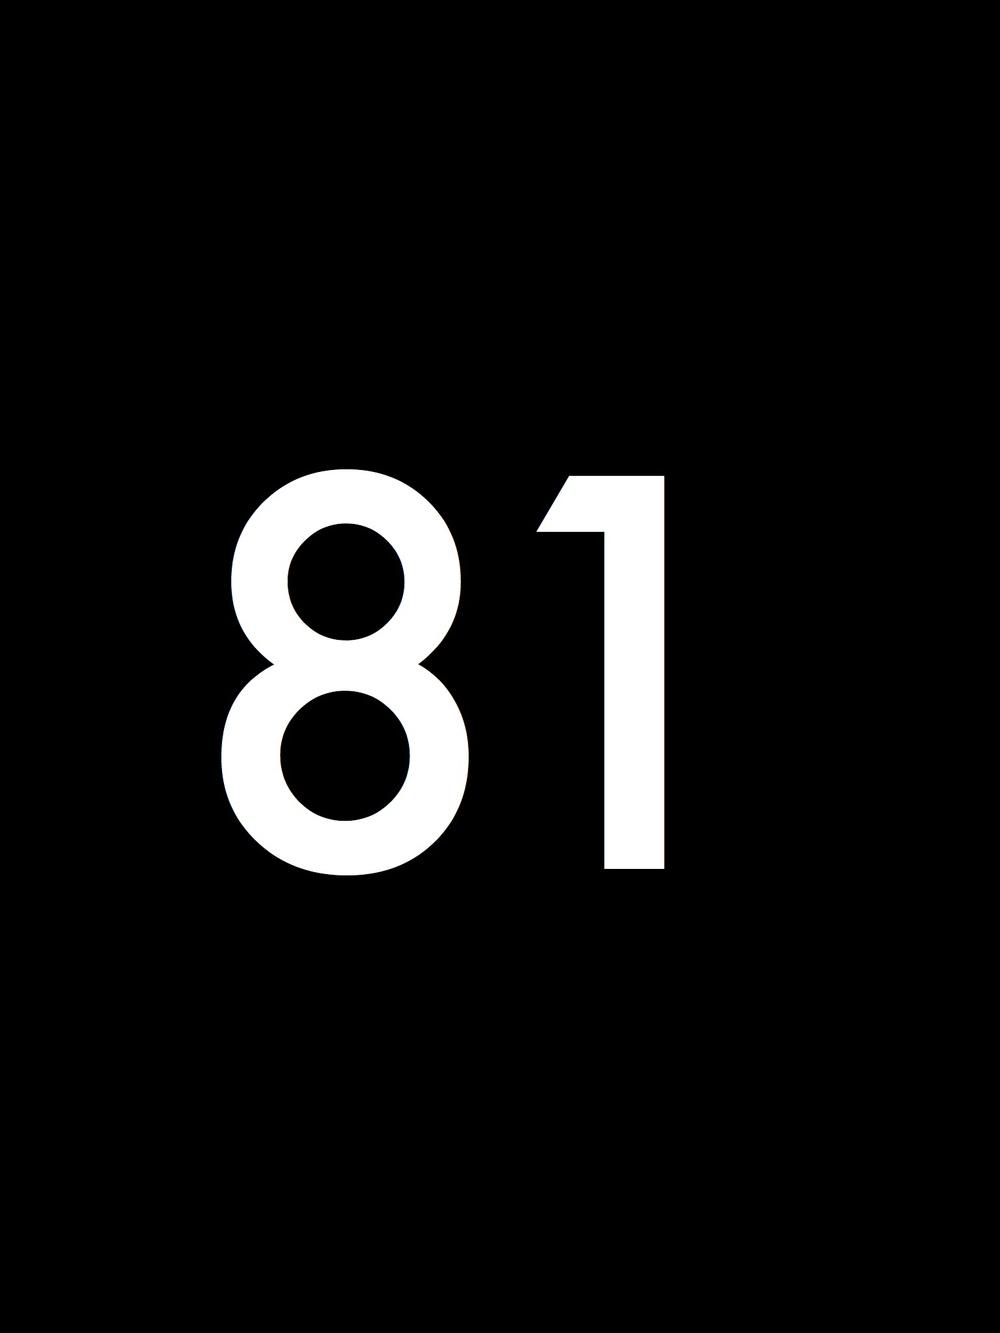 Black_Number.081.jpg